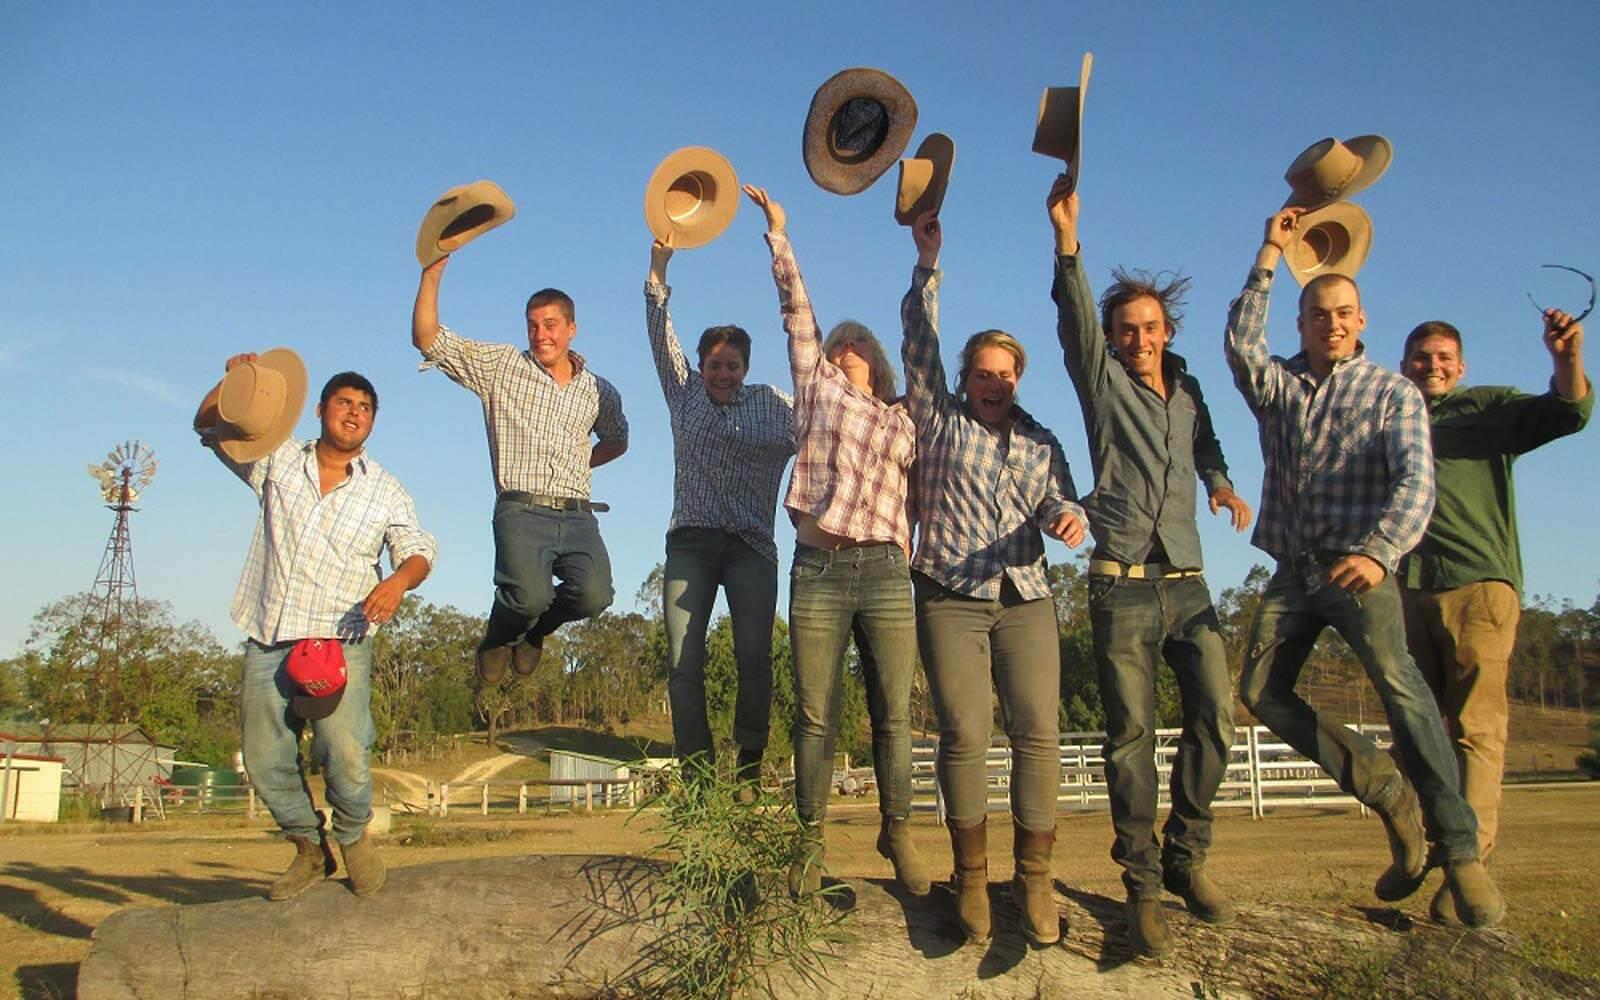 Gruppenfoto Farmarbeit Australien